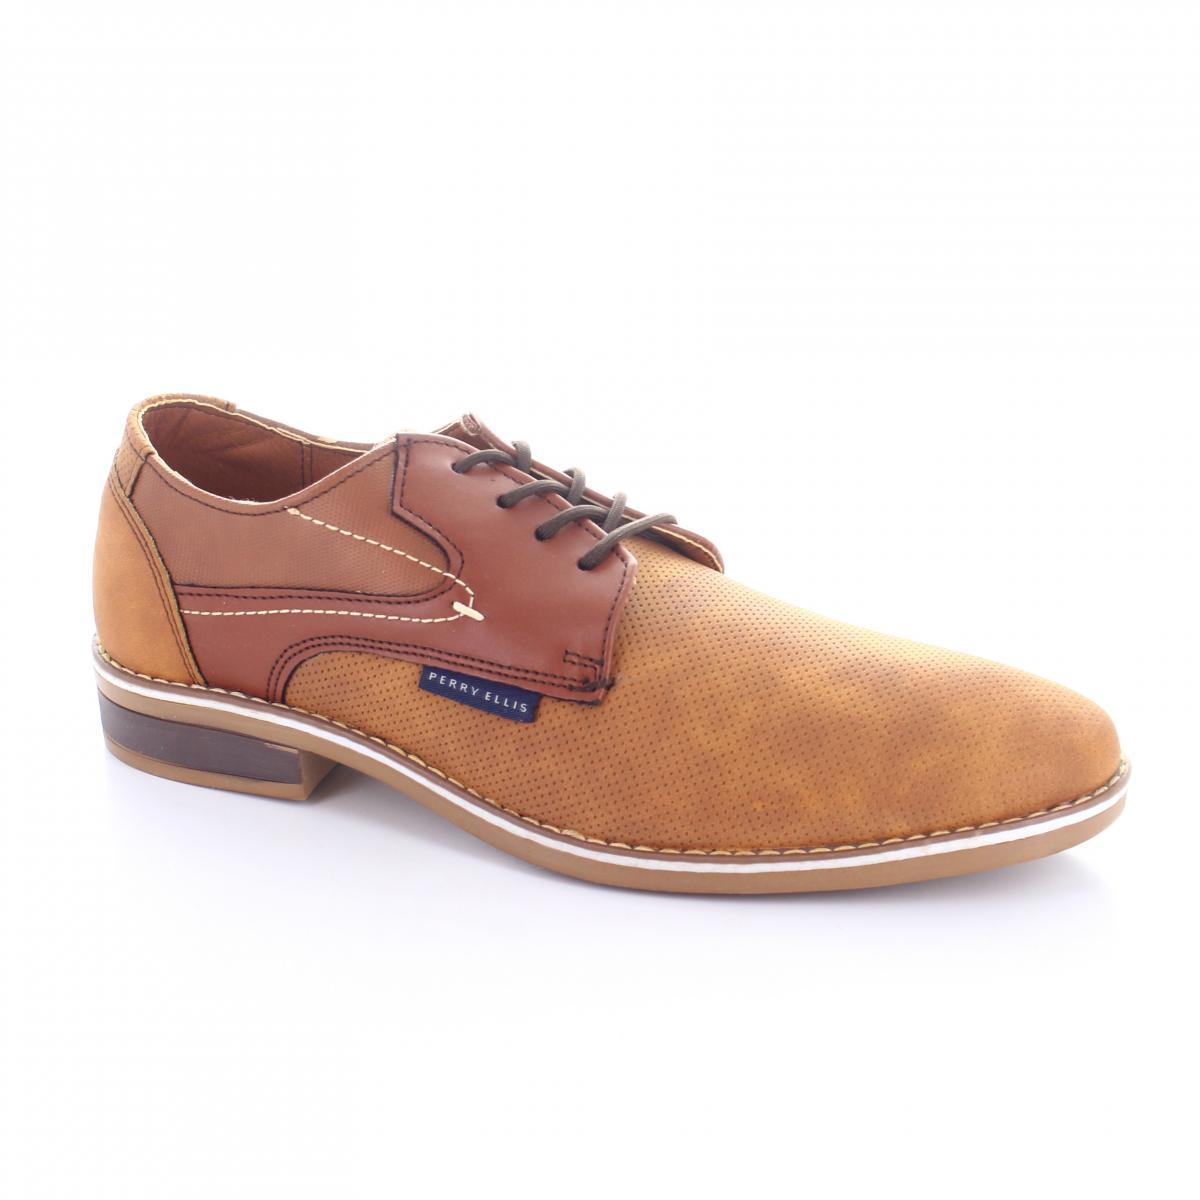 ea0ca9ba9f Zapato marca Perry Ellis modelo PE-7010 Color Camel